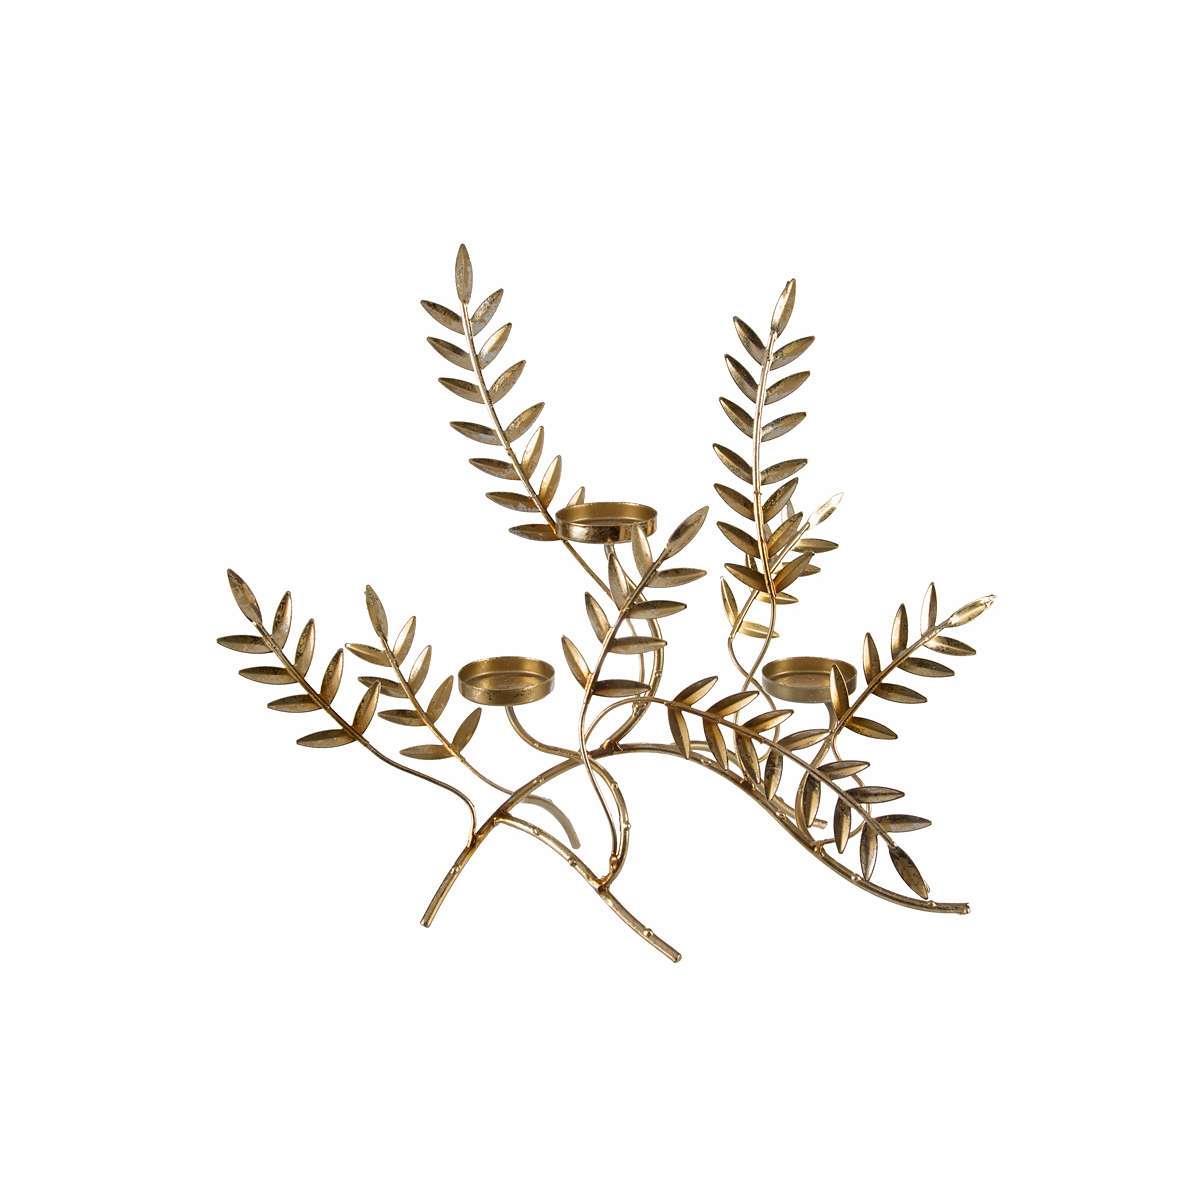 Κηροπήγιο με φύλλα μεταλλικό χρυσό 29x16x34cm